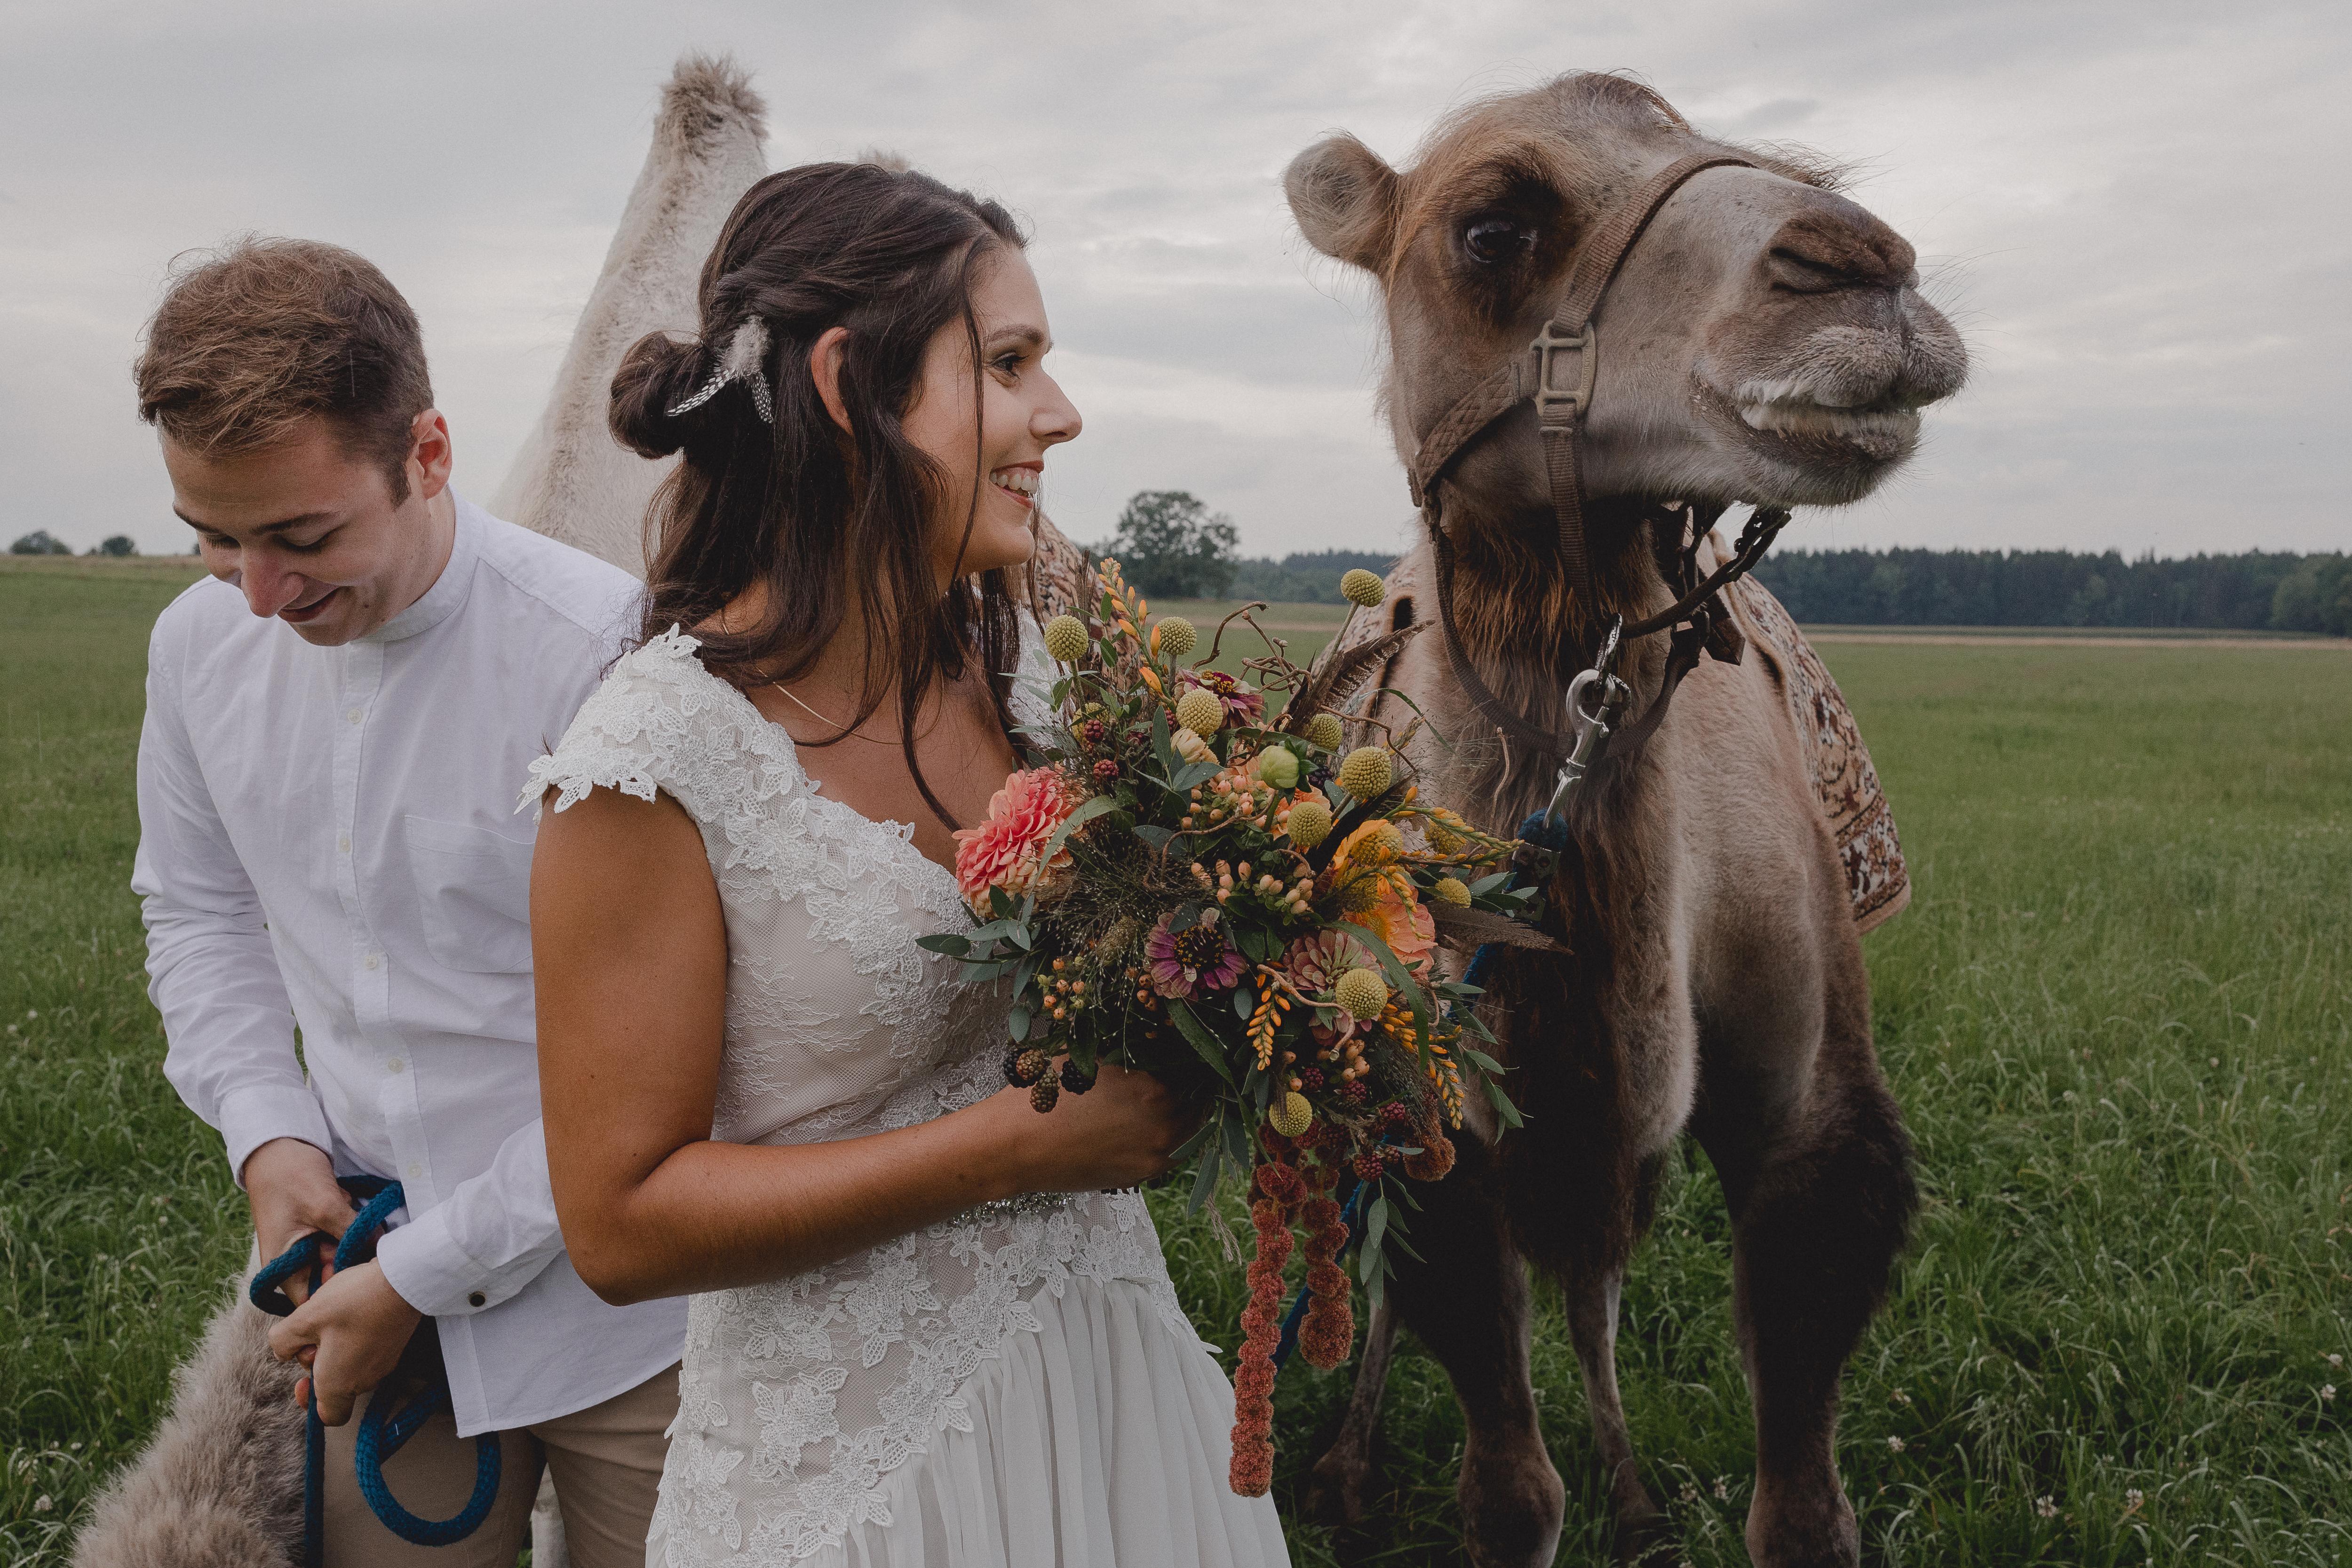 URBANERIE_Daniela_Goth_Vintage_Hochzeitsfotografin_Nuernberg_Fuerth_Erlangen_180721_0130